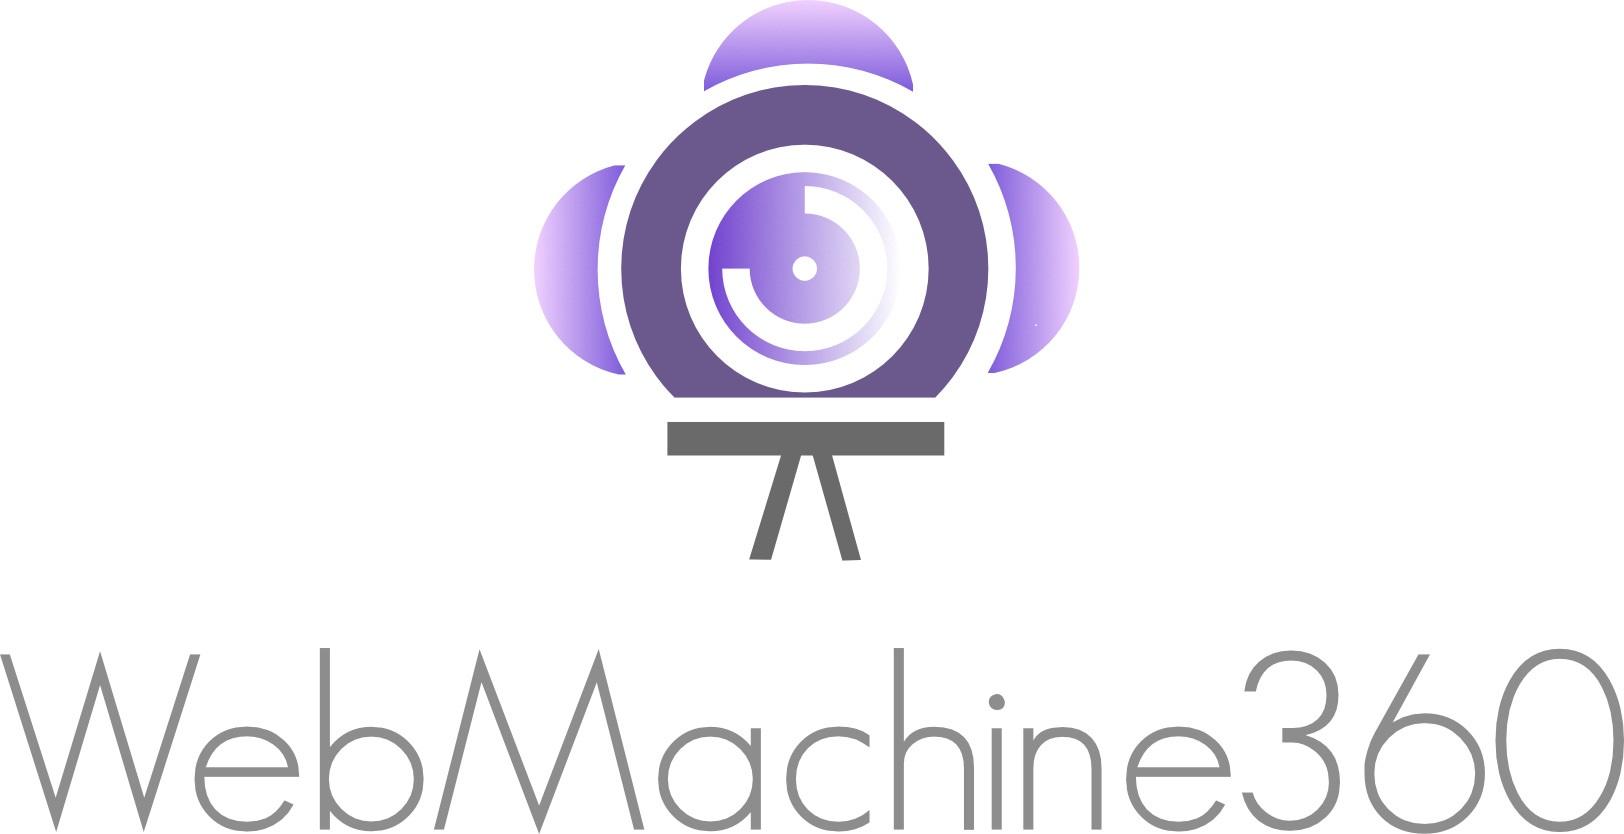 WebMachine360 Virtual Tours